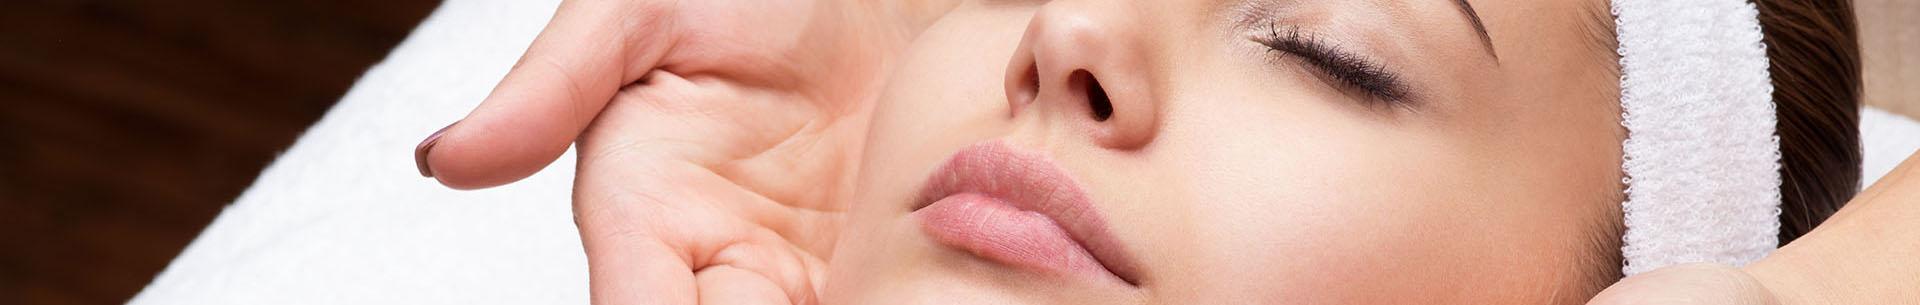 Trattamenti viso corpo